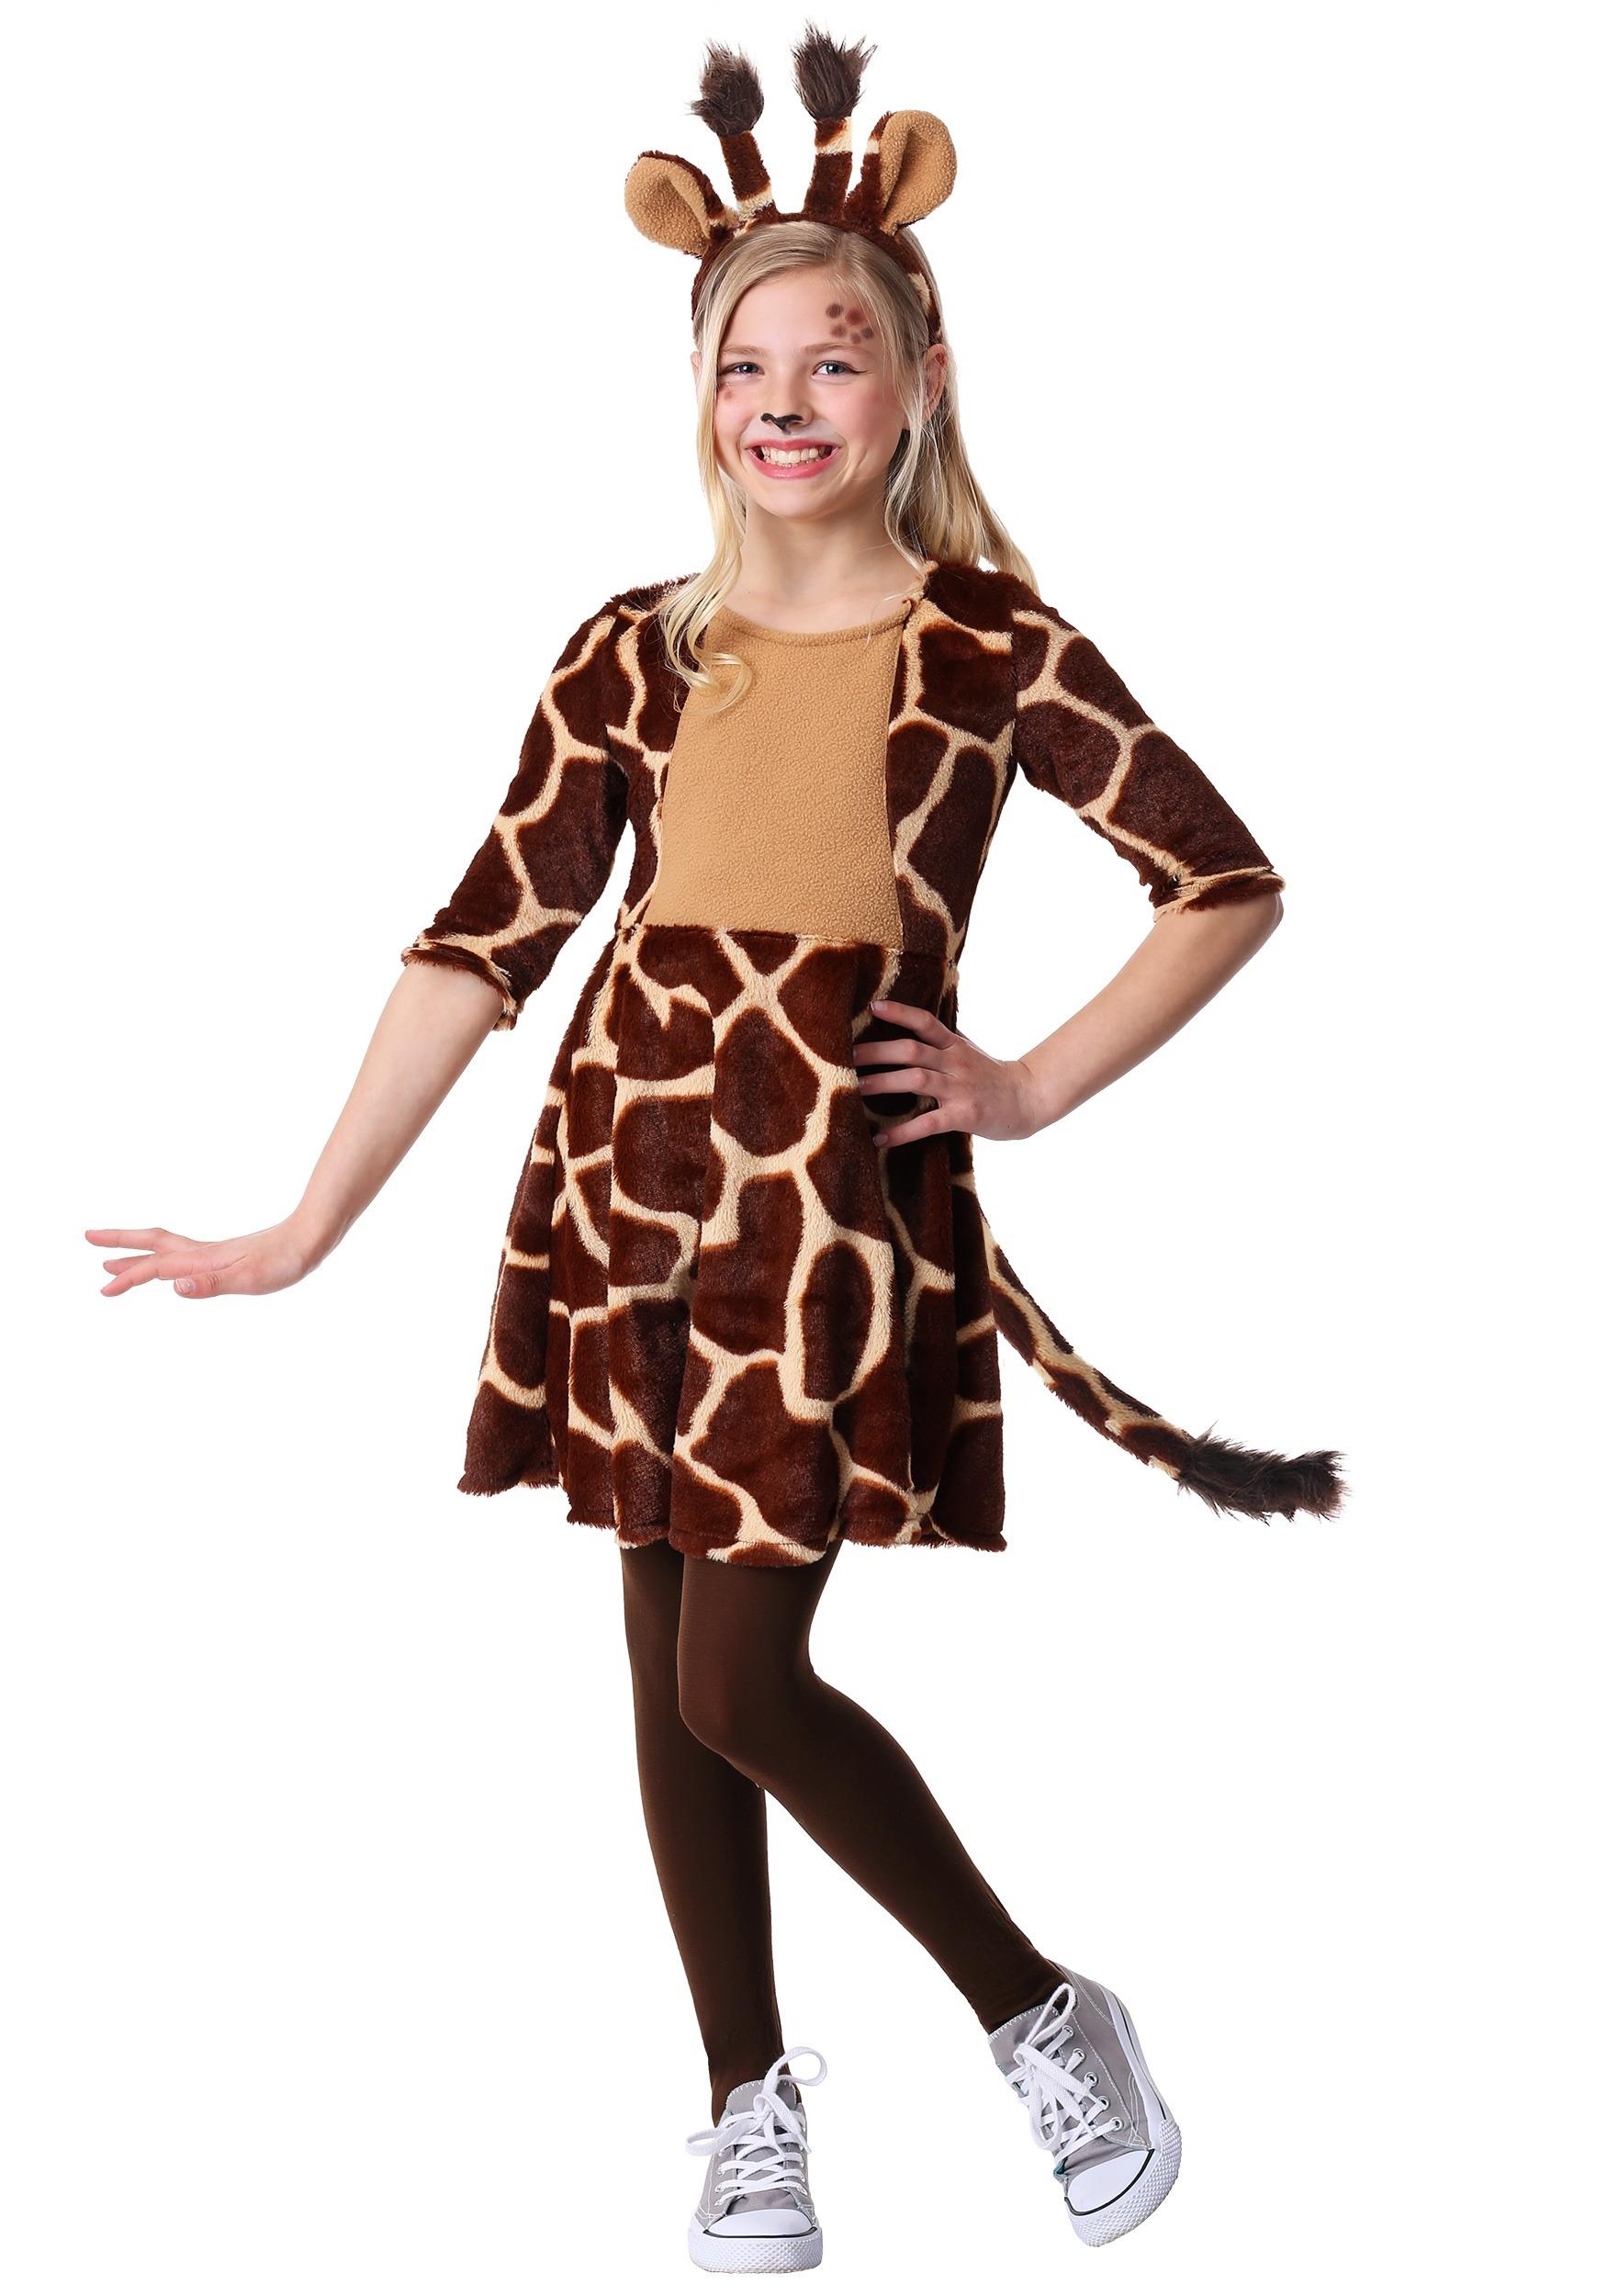 Giraffe Costume For Girls